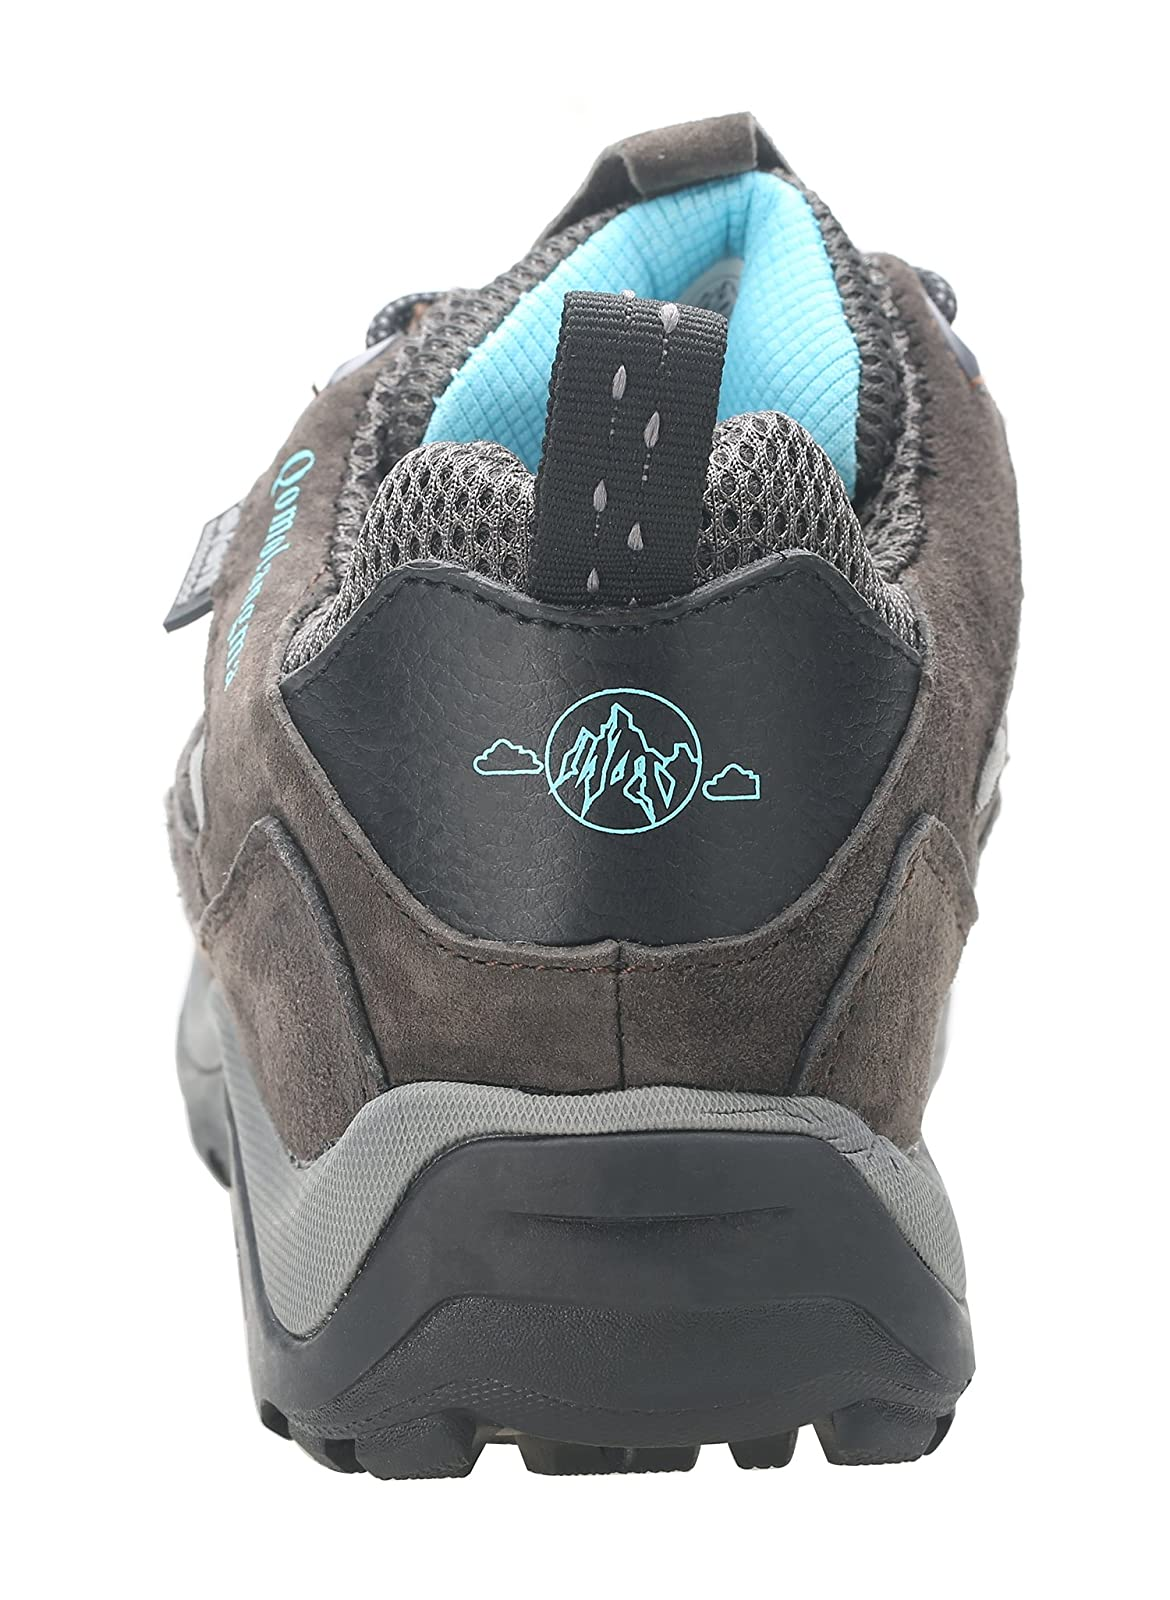 QOMOLANGMA Women's Waterproof Wide Hiking Shoes W91501 - 2